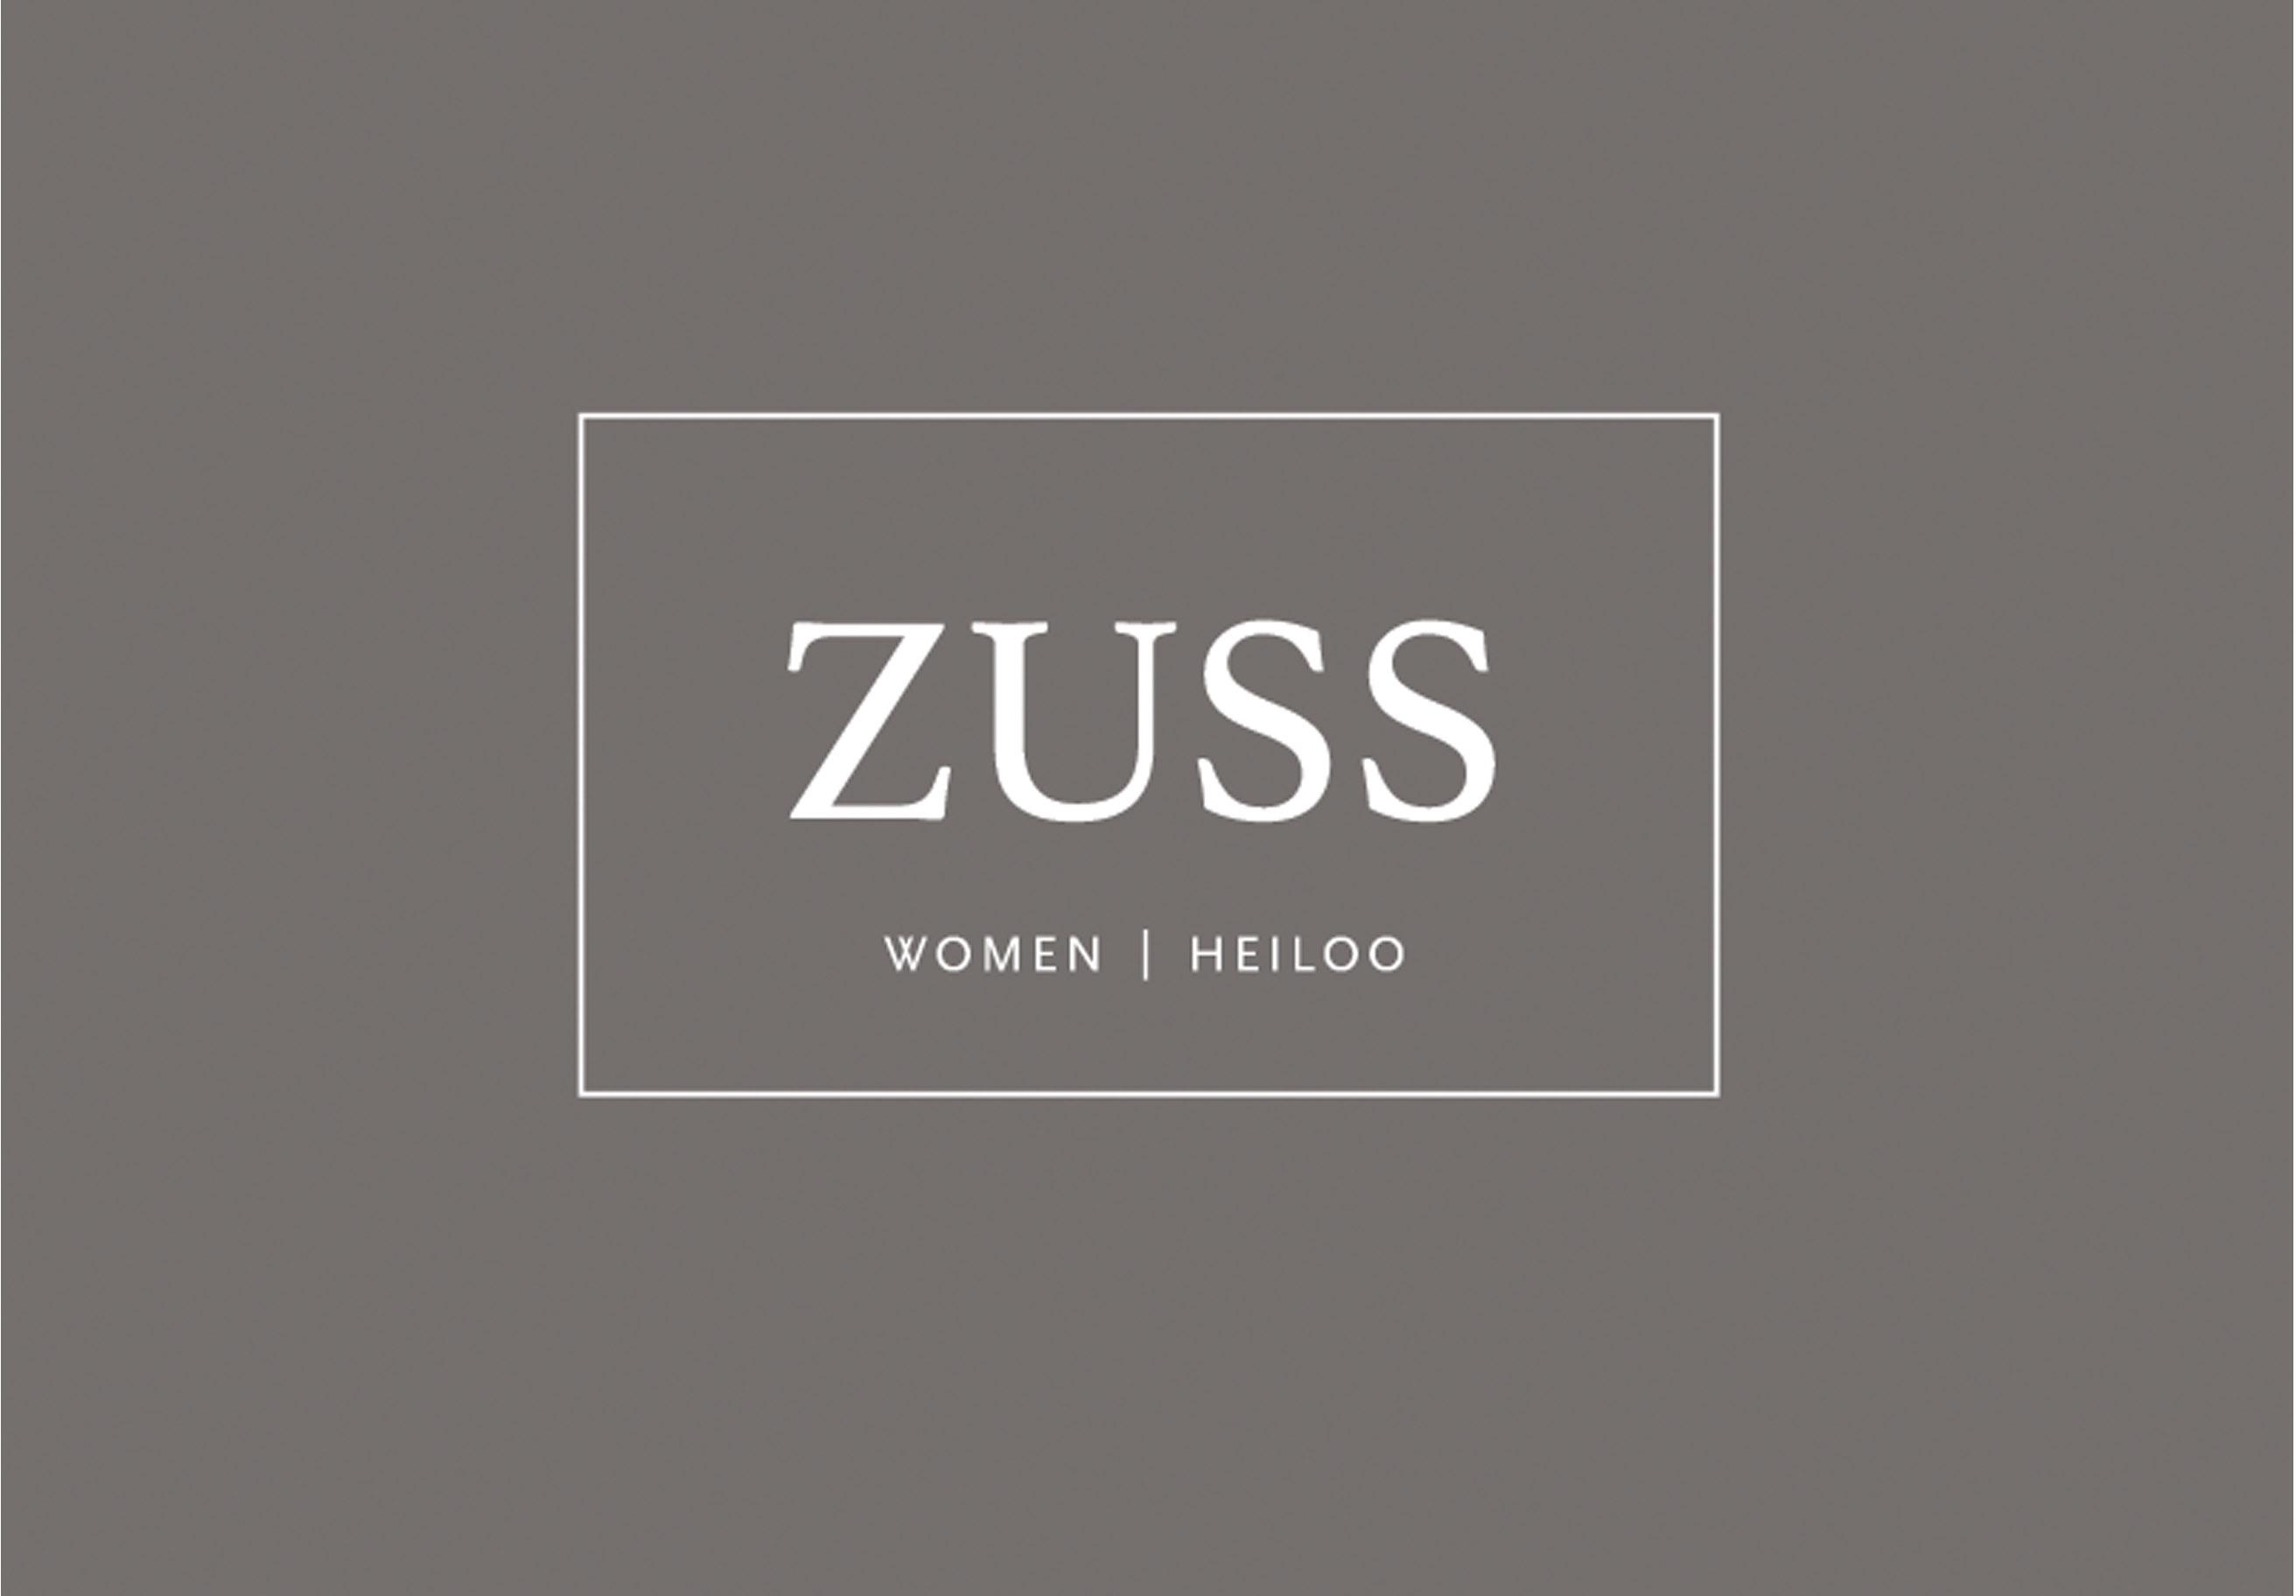 Zuss Women